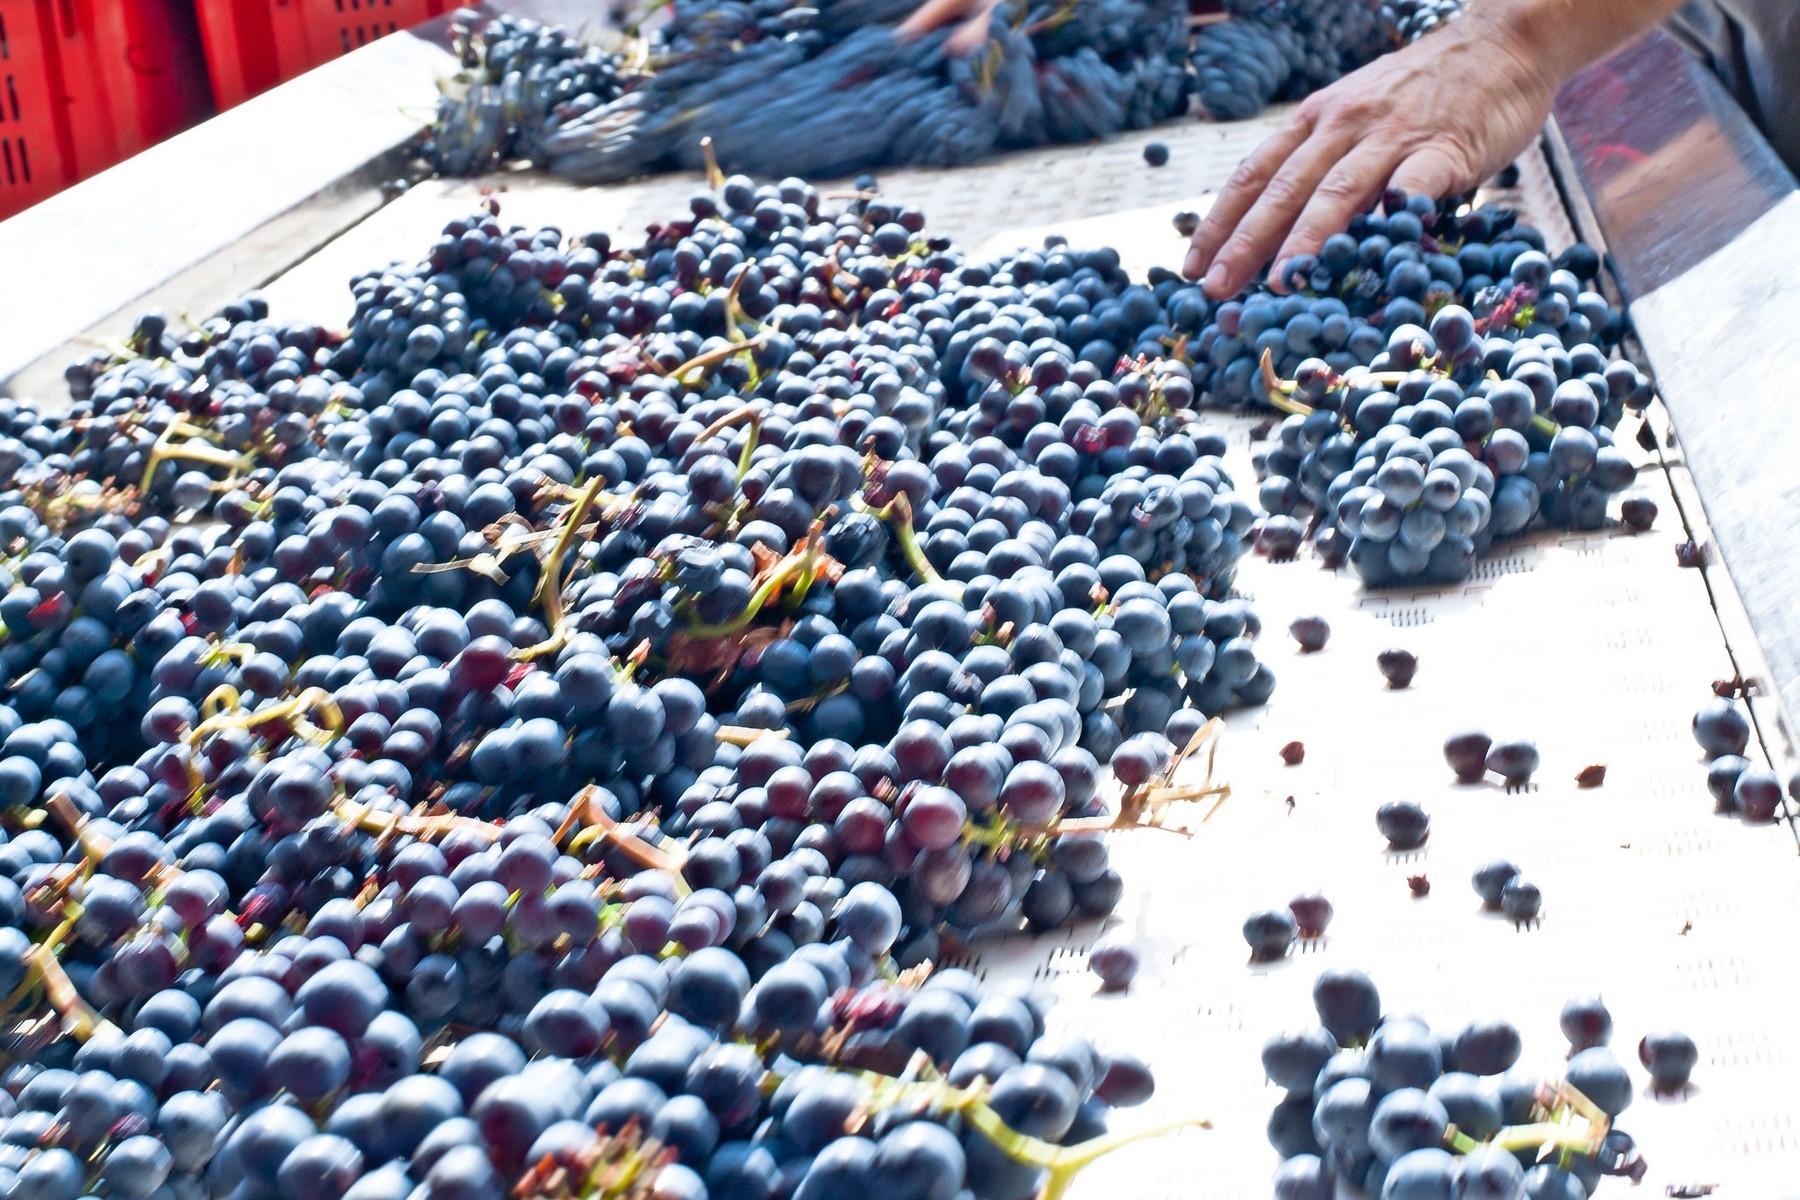 Agriturismo ed azienda agricola biodinamica nel cuore della toscana - 12